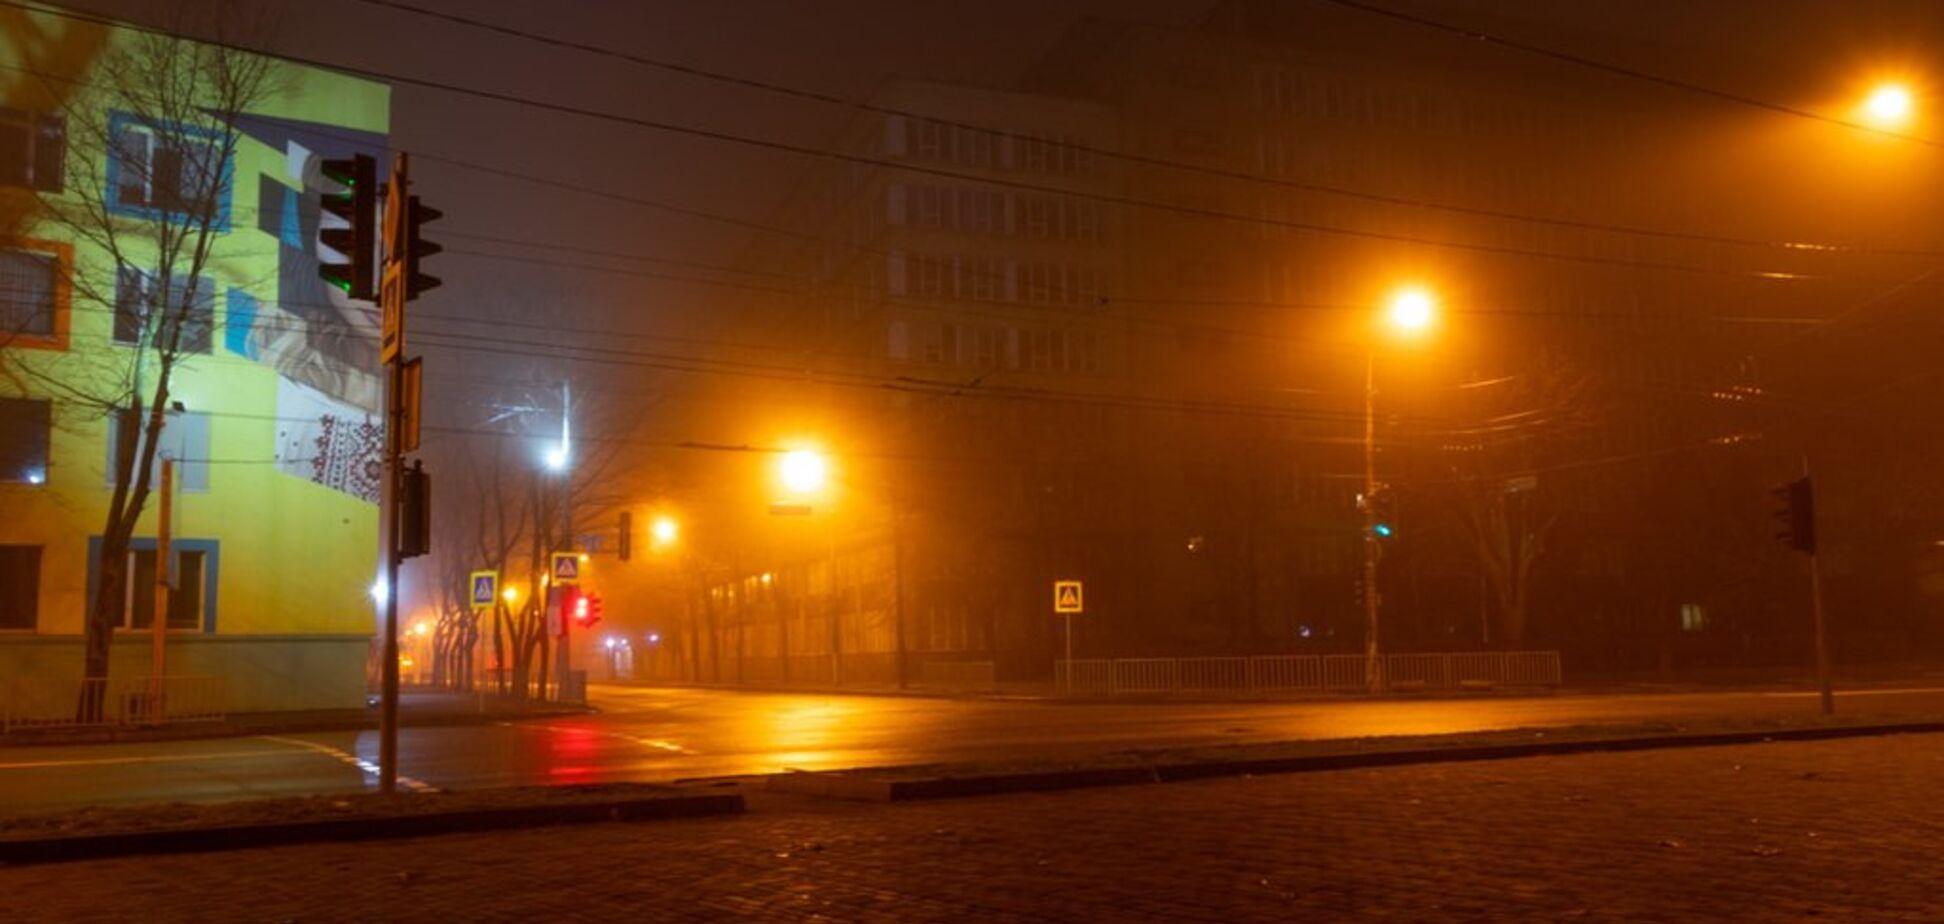 Дніпро огорнув густий туман: з'явилися фото з міста